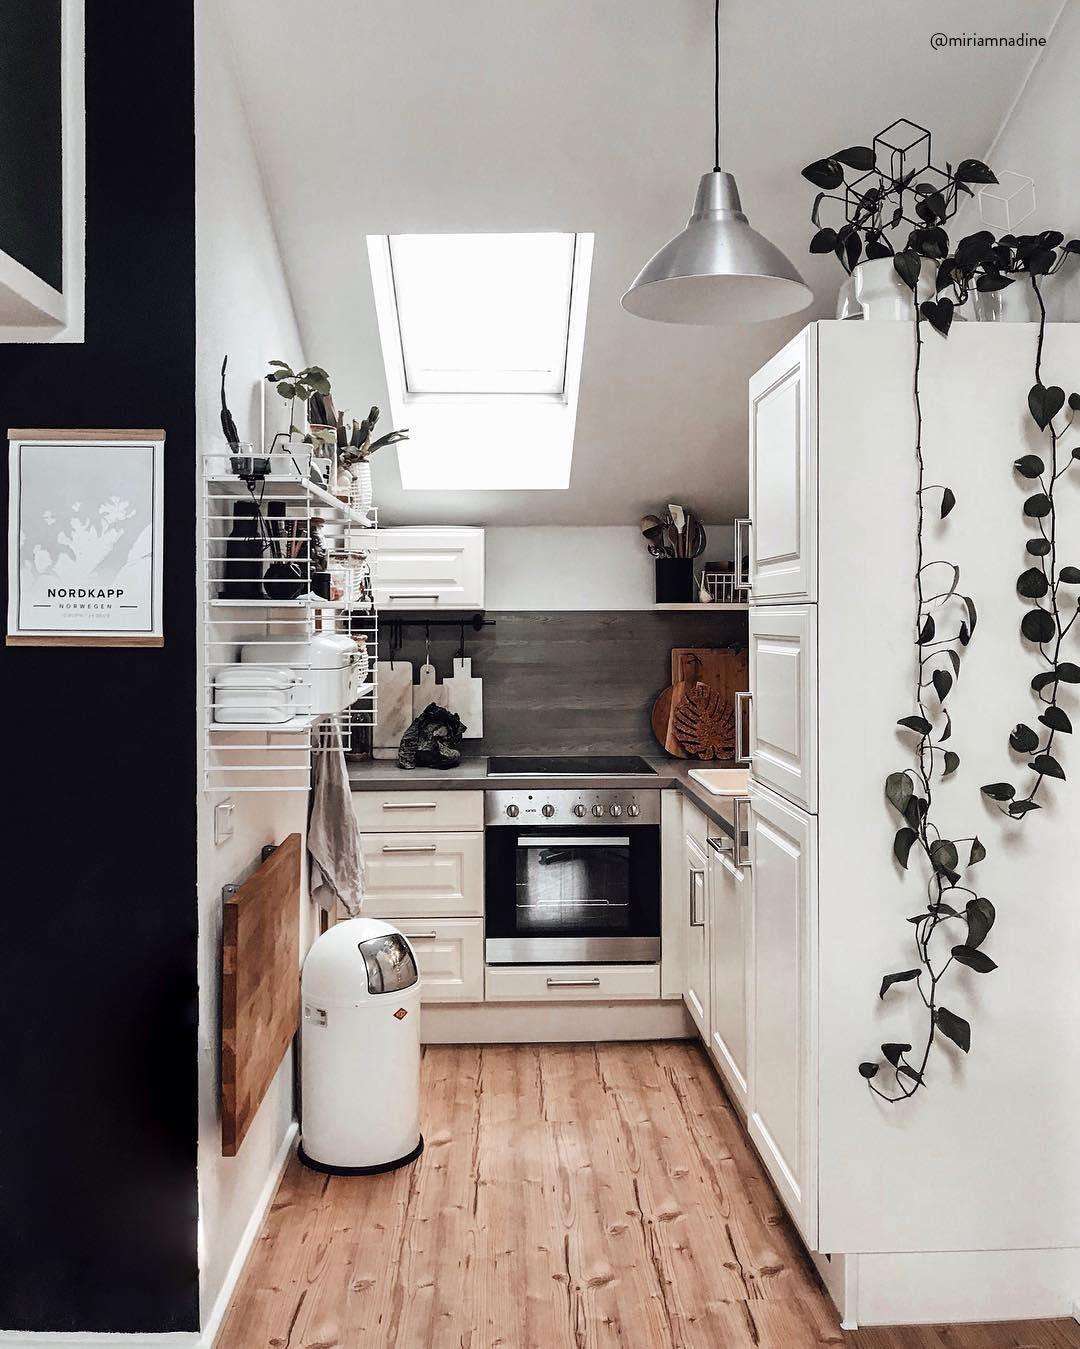 Black Wall Ein Interior Trend Fur Mutige Eine Schwarze Wand Ist Das Neuste Highlight Fur Dein Zuhause Besonder Kuchenumbau Kuche Gestalten Kuche Must Haves